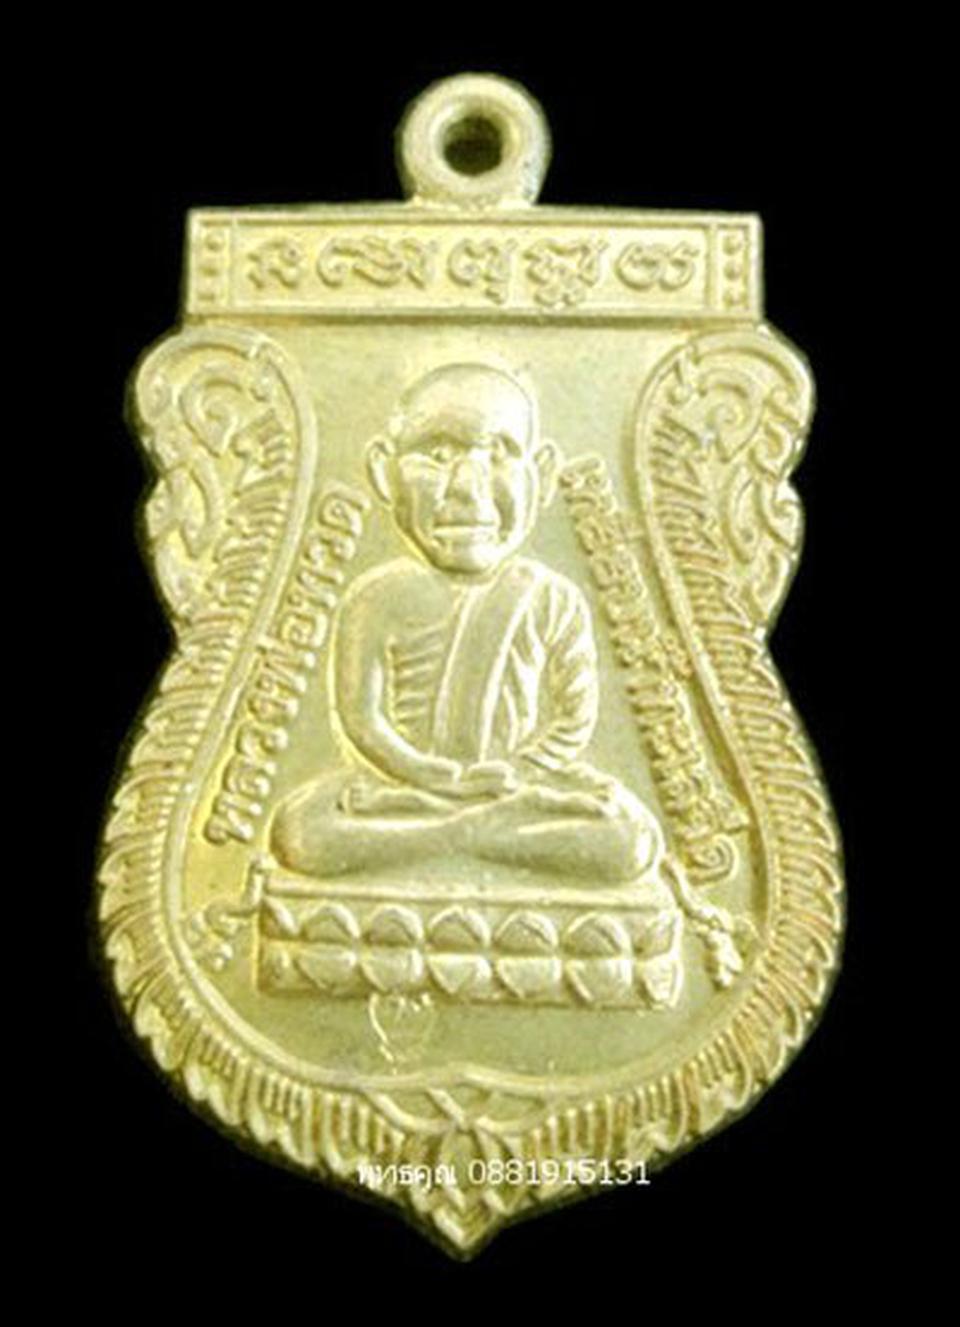 เหรียญรุ่นแรกหลวงปู่ทวดหลังหลวงปู่สุระ วัดปิยะธรรมาราม ยะลา รูปที่ 1